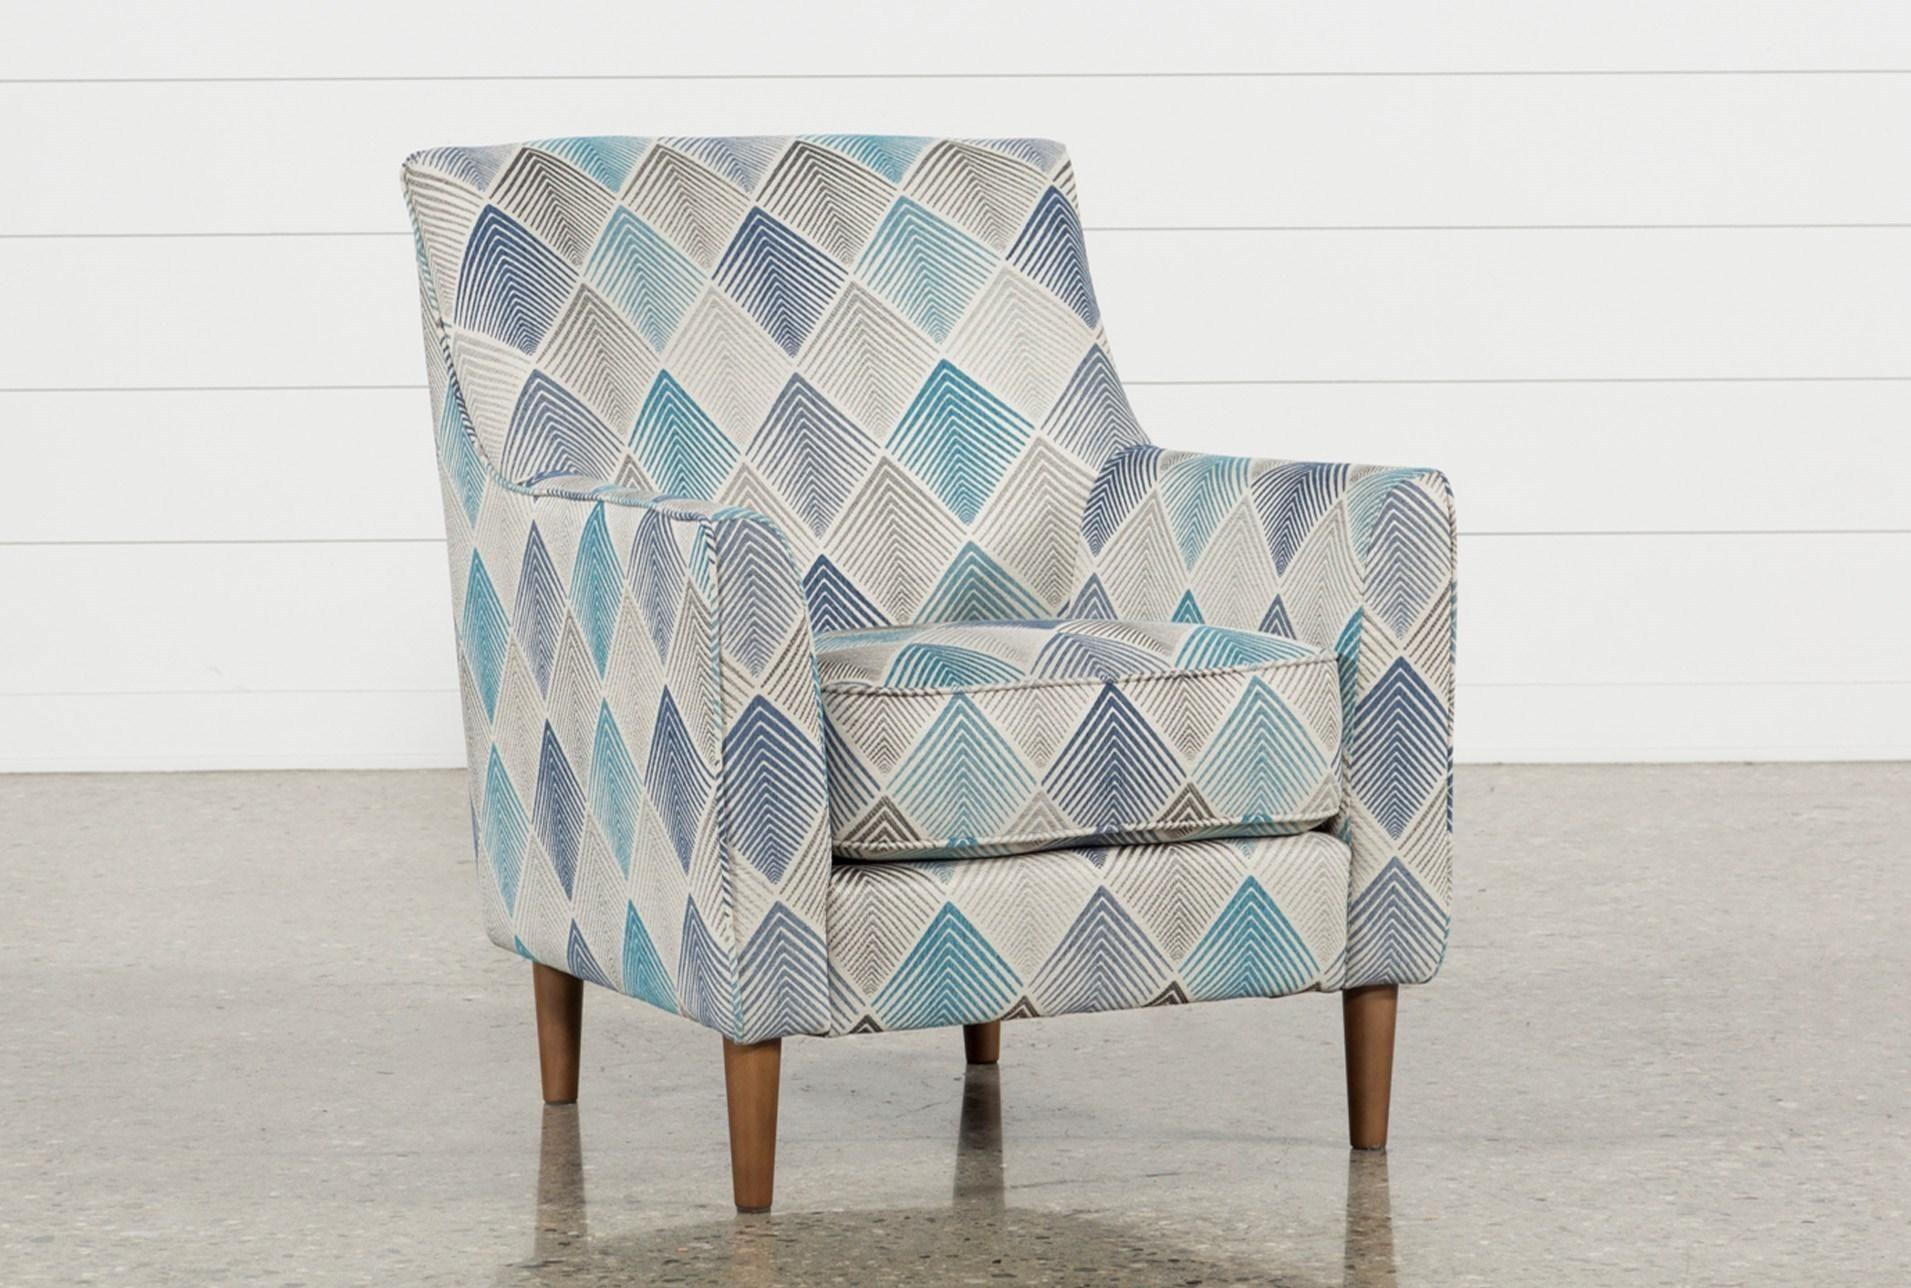 Sven Denim Accent Chair | Orange color schemes, Mid-century modern ...